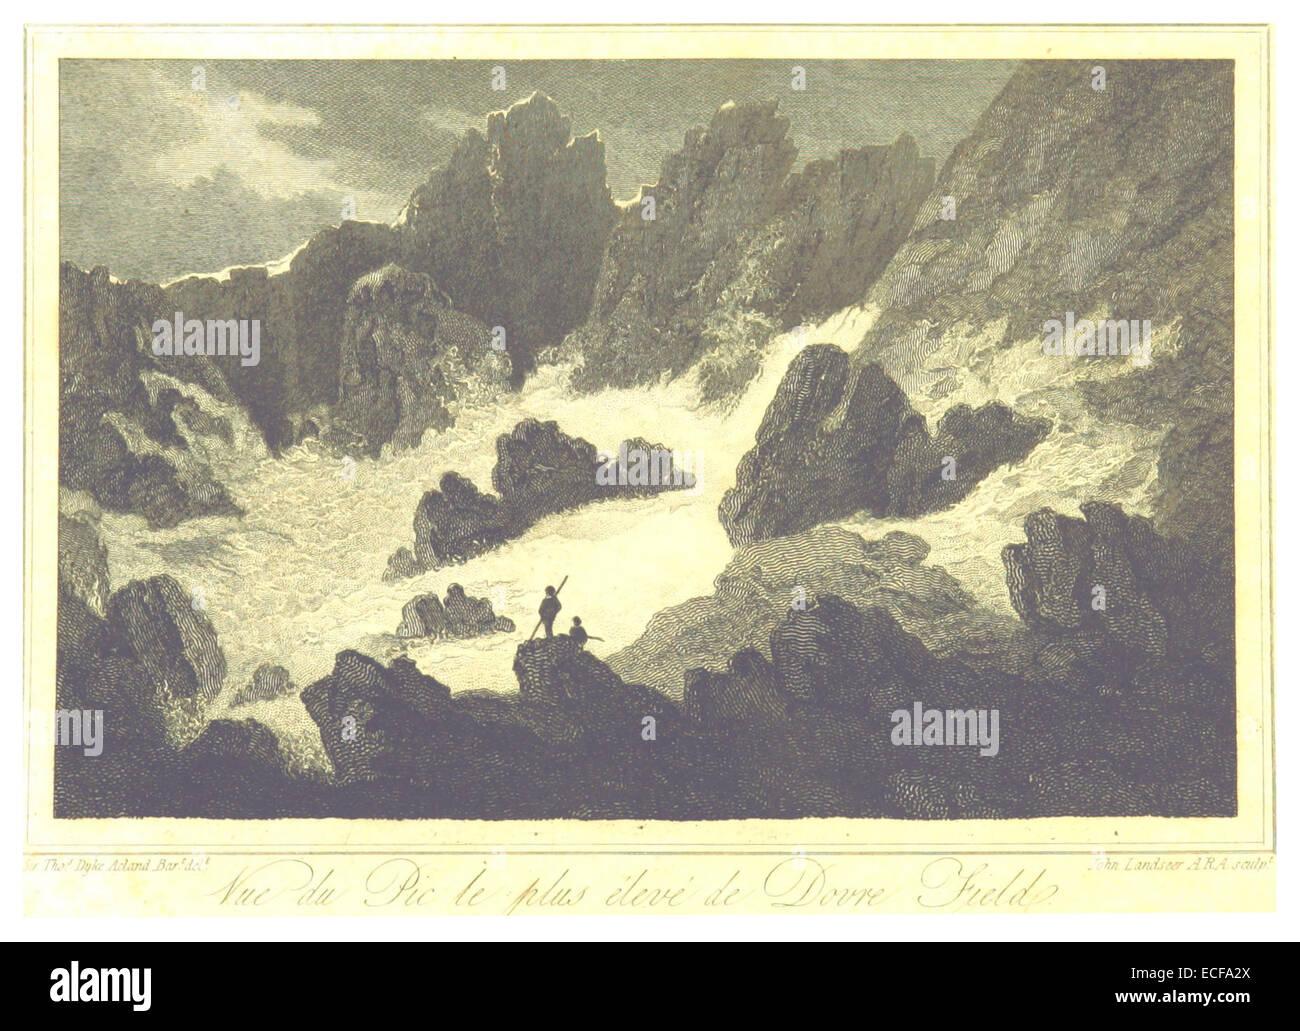 LAMOTTE(1813) p006 DOVRE FJELD - Stock Image